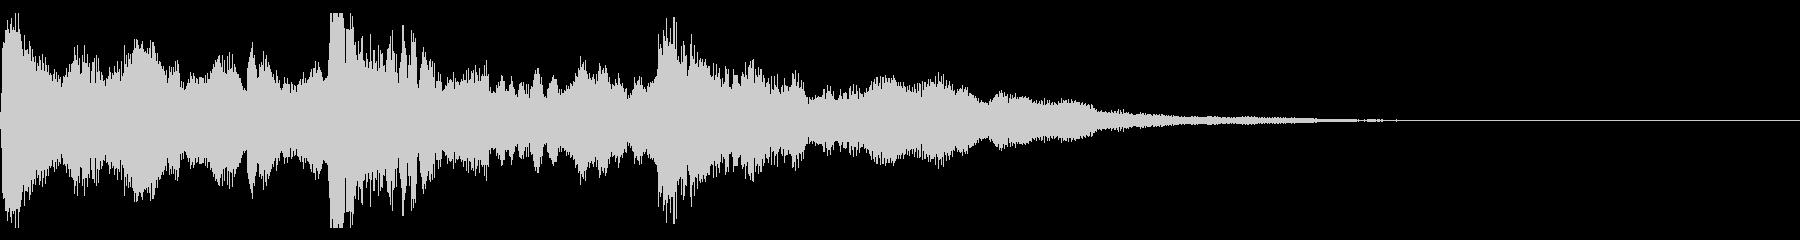 ゲームオーバー ピアノ  ジングルの未再生の波形